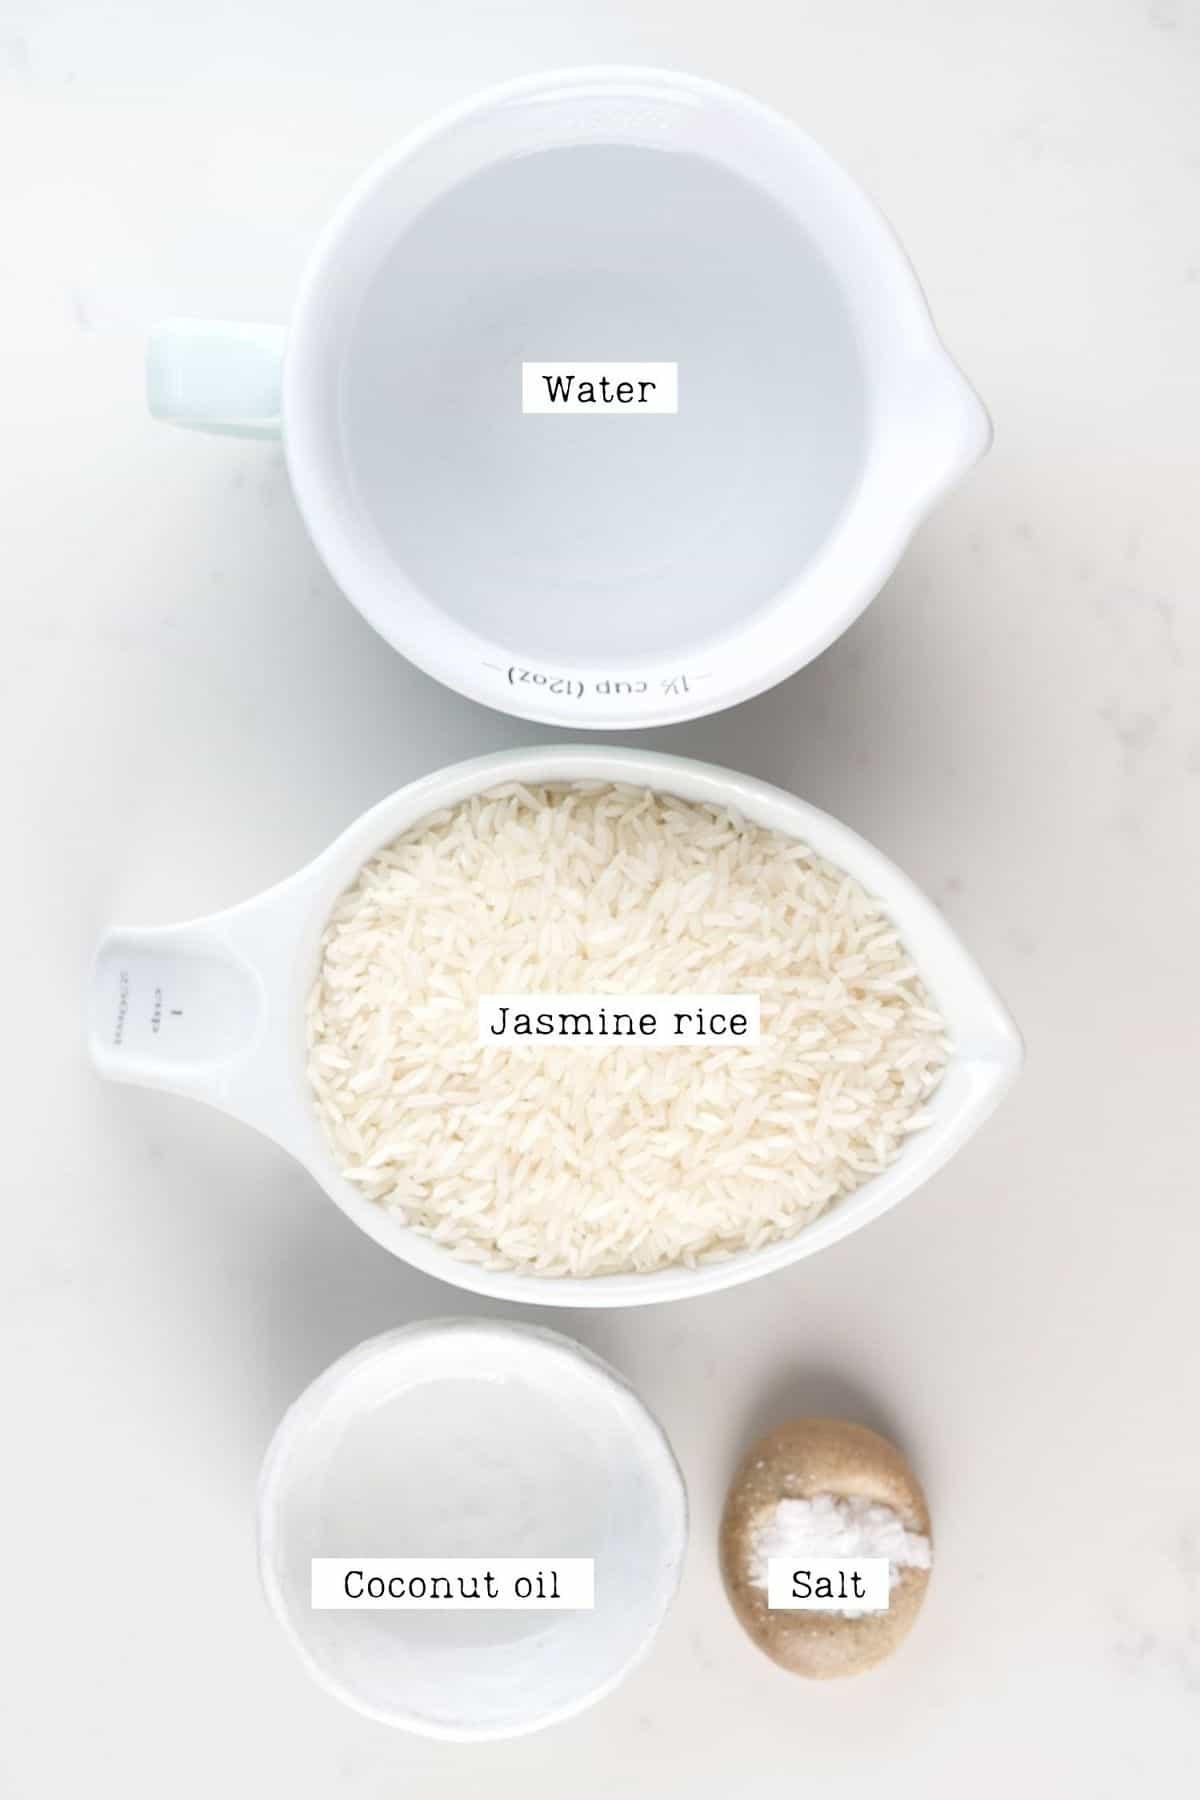 Fluffy Jasmine Rice Ingredients